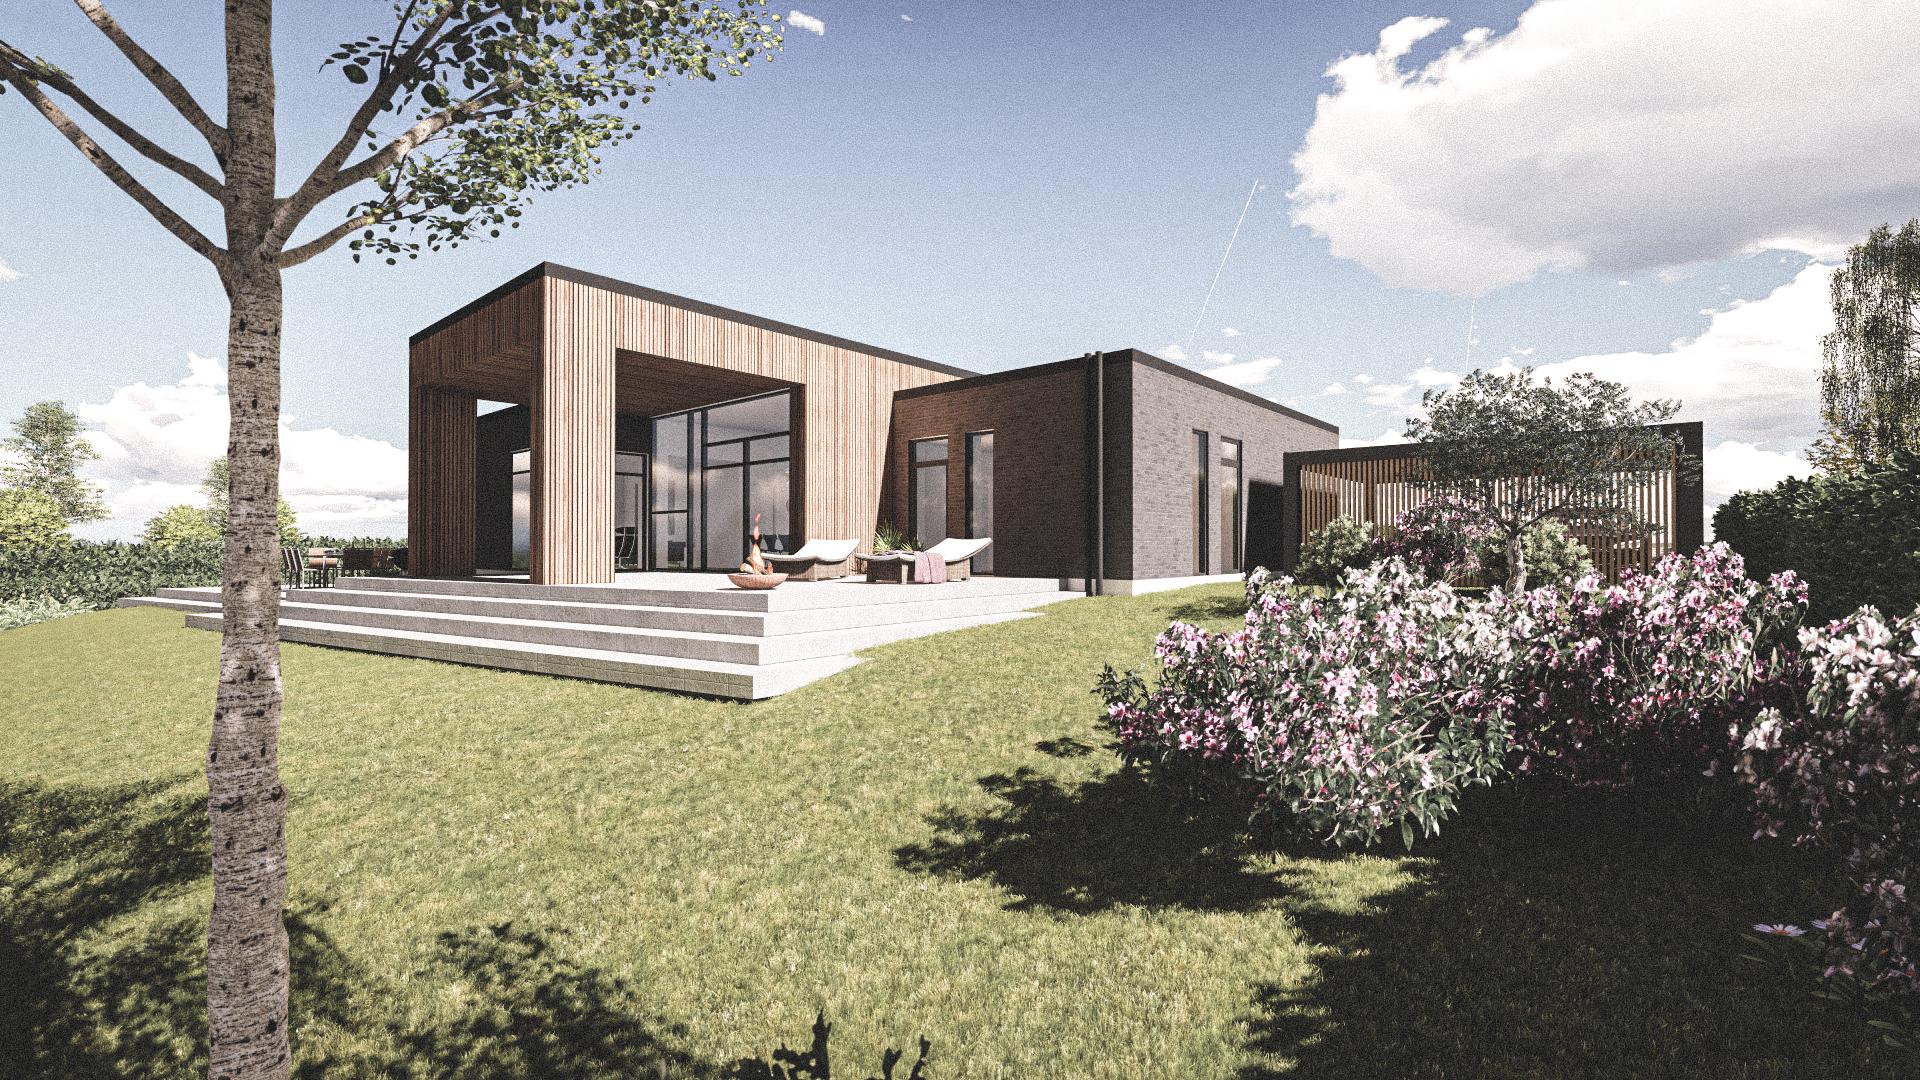 Billede af Dansk arkitekttegnet 1 plan villa af arkitektfirmaet m2plus, i Gjern på 166 kvartratmeter.